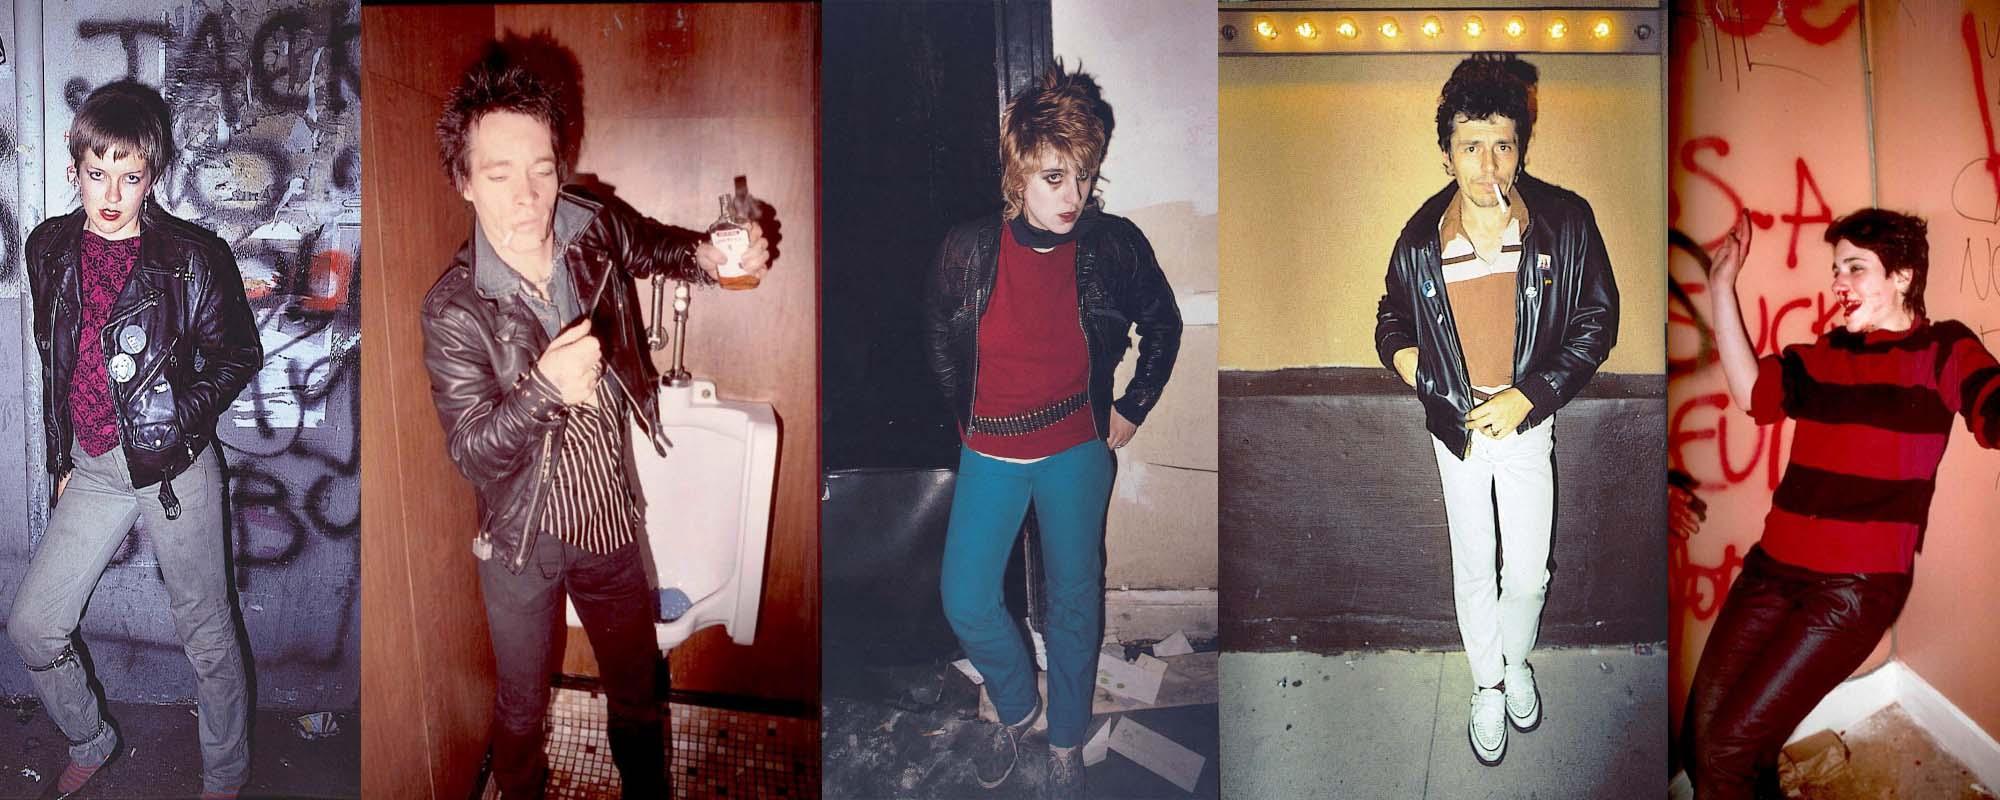 punk rock fashion essays